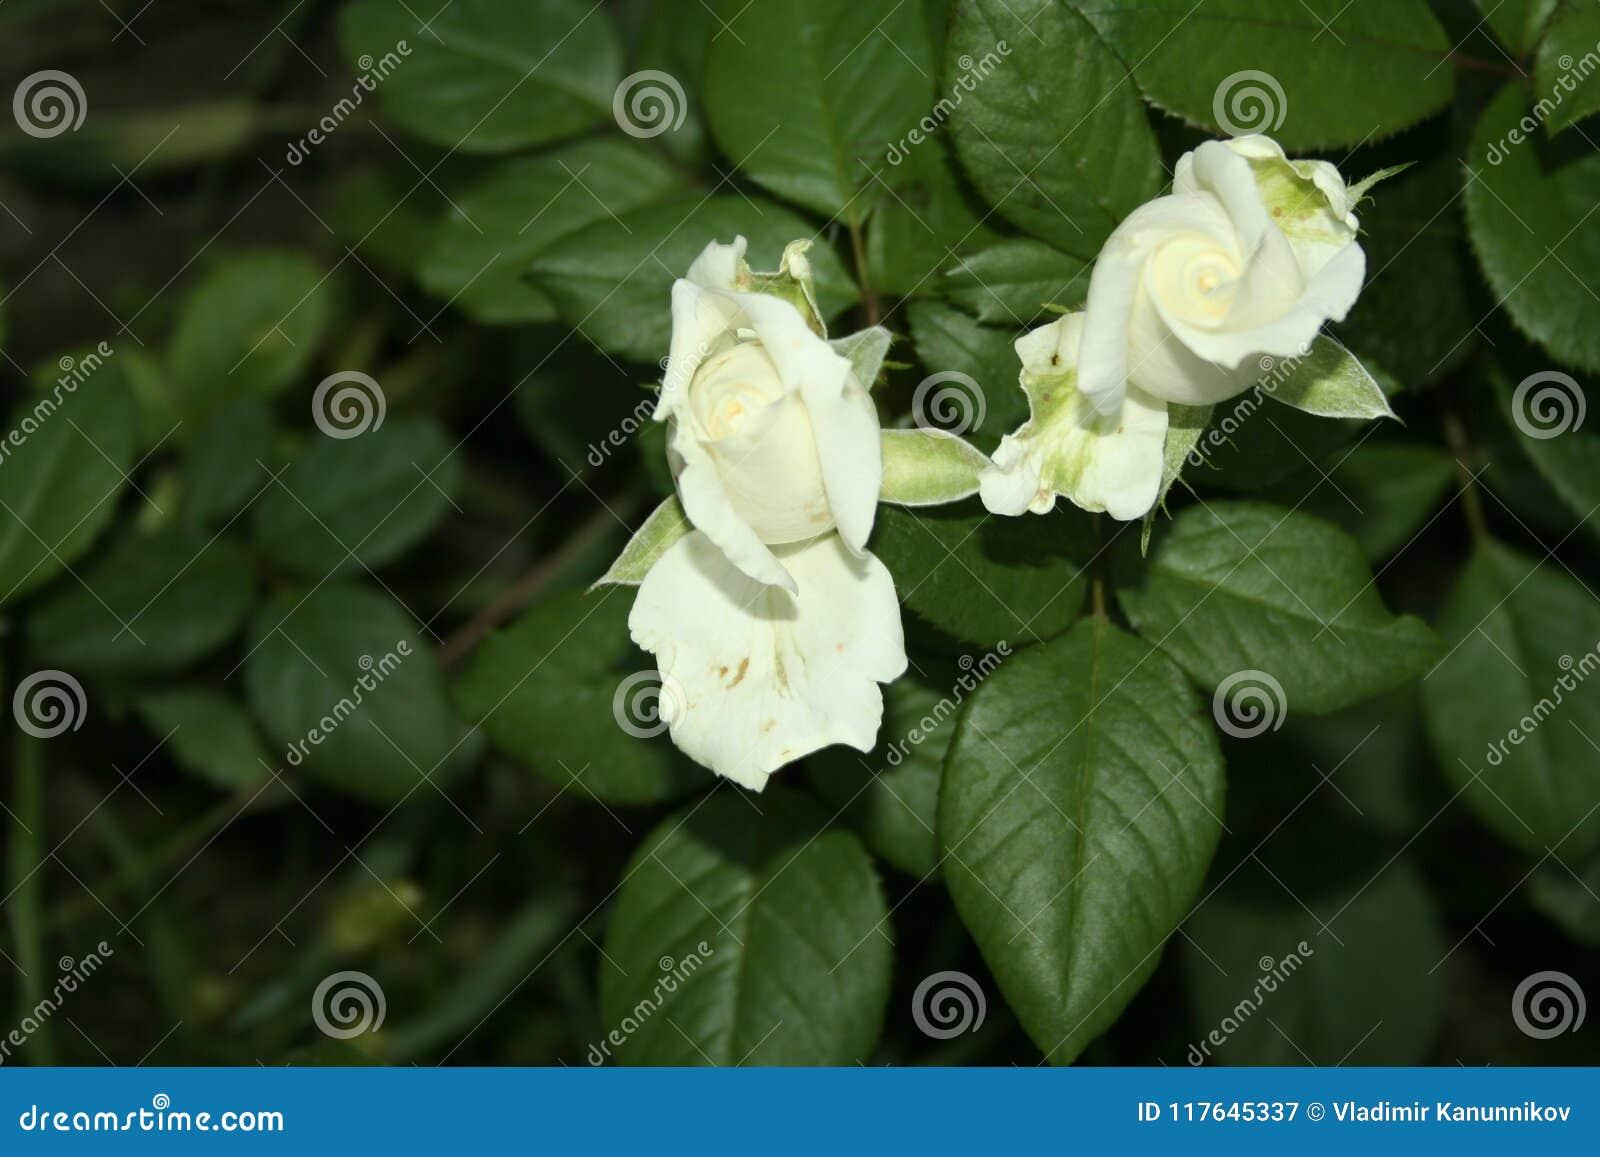 Little White Rose Flowers Stock Image Image Of Light 117645337